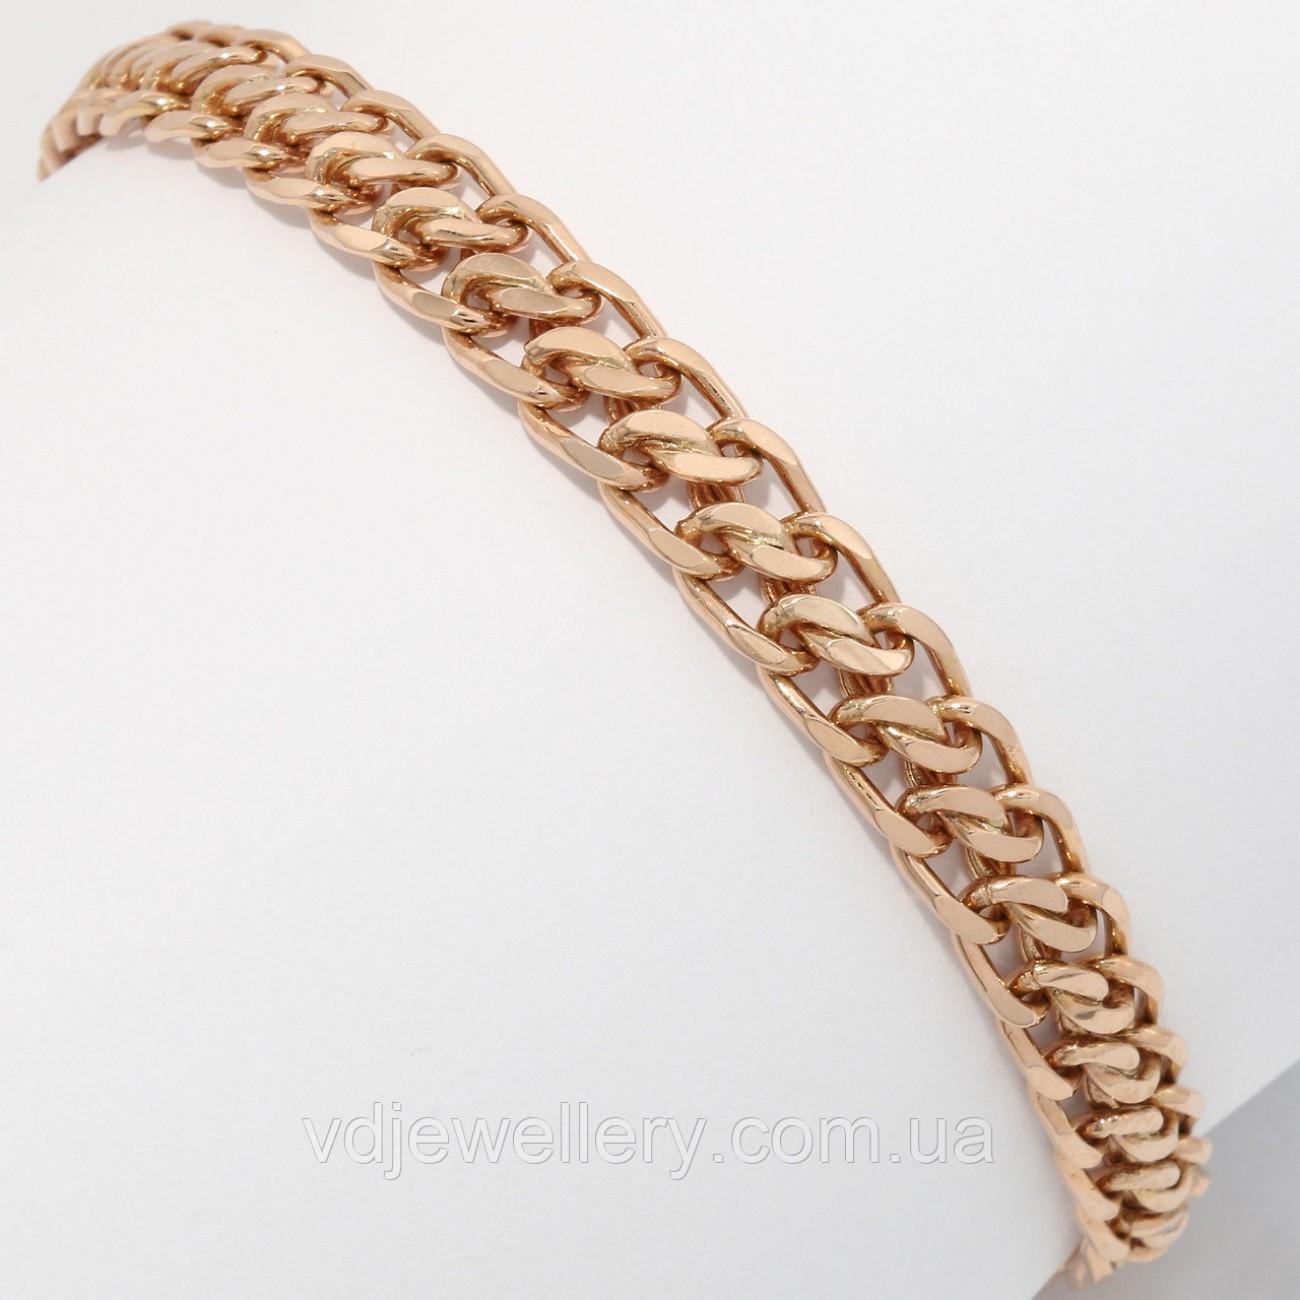 Золотой браслет 5200069-П8